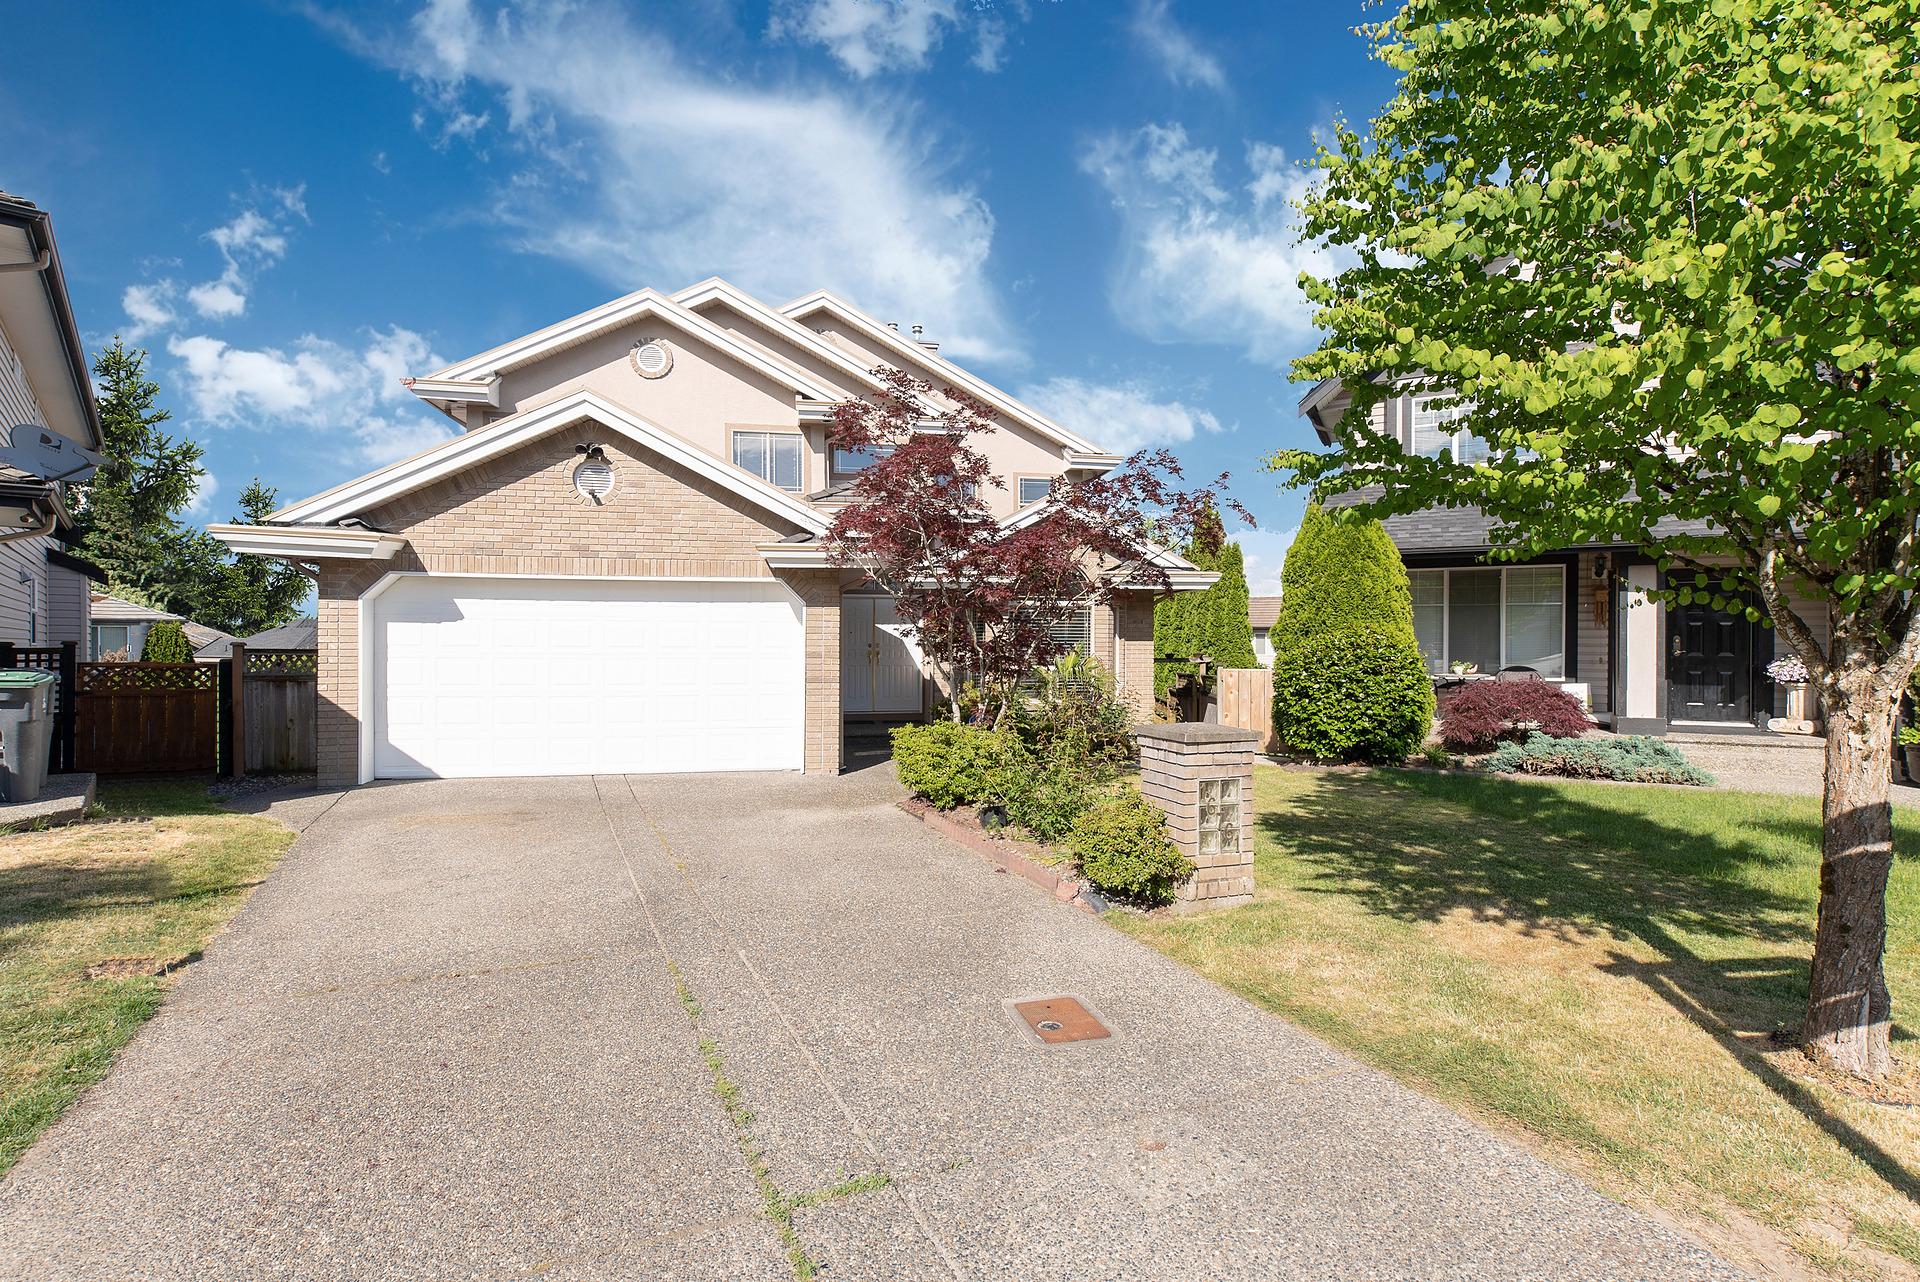 16761 85 AVENUE, Surrey, BC